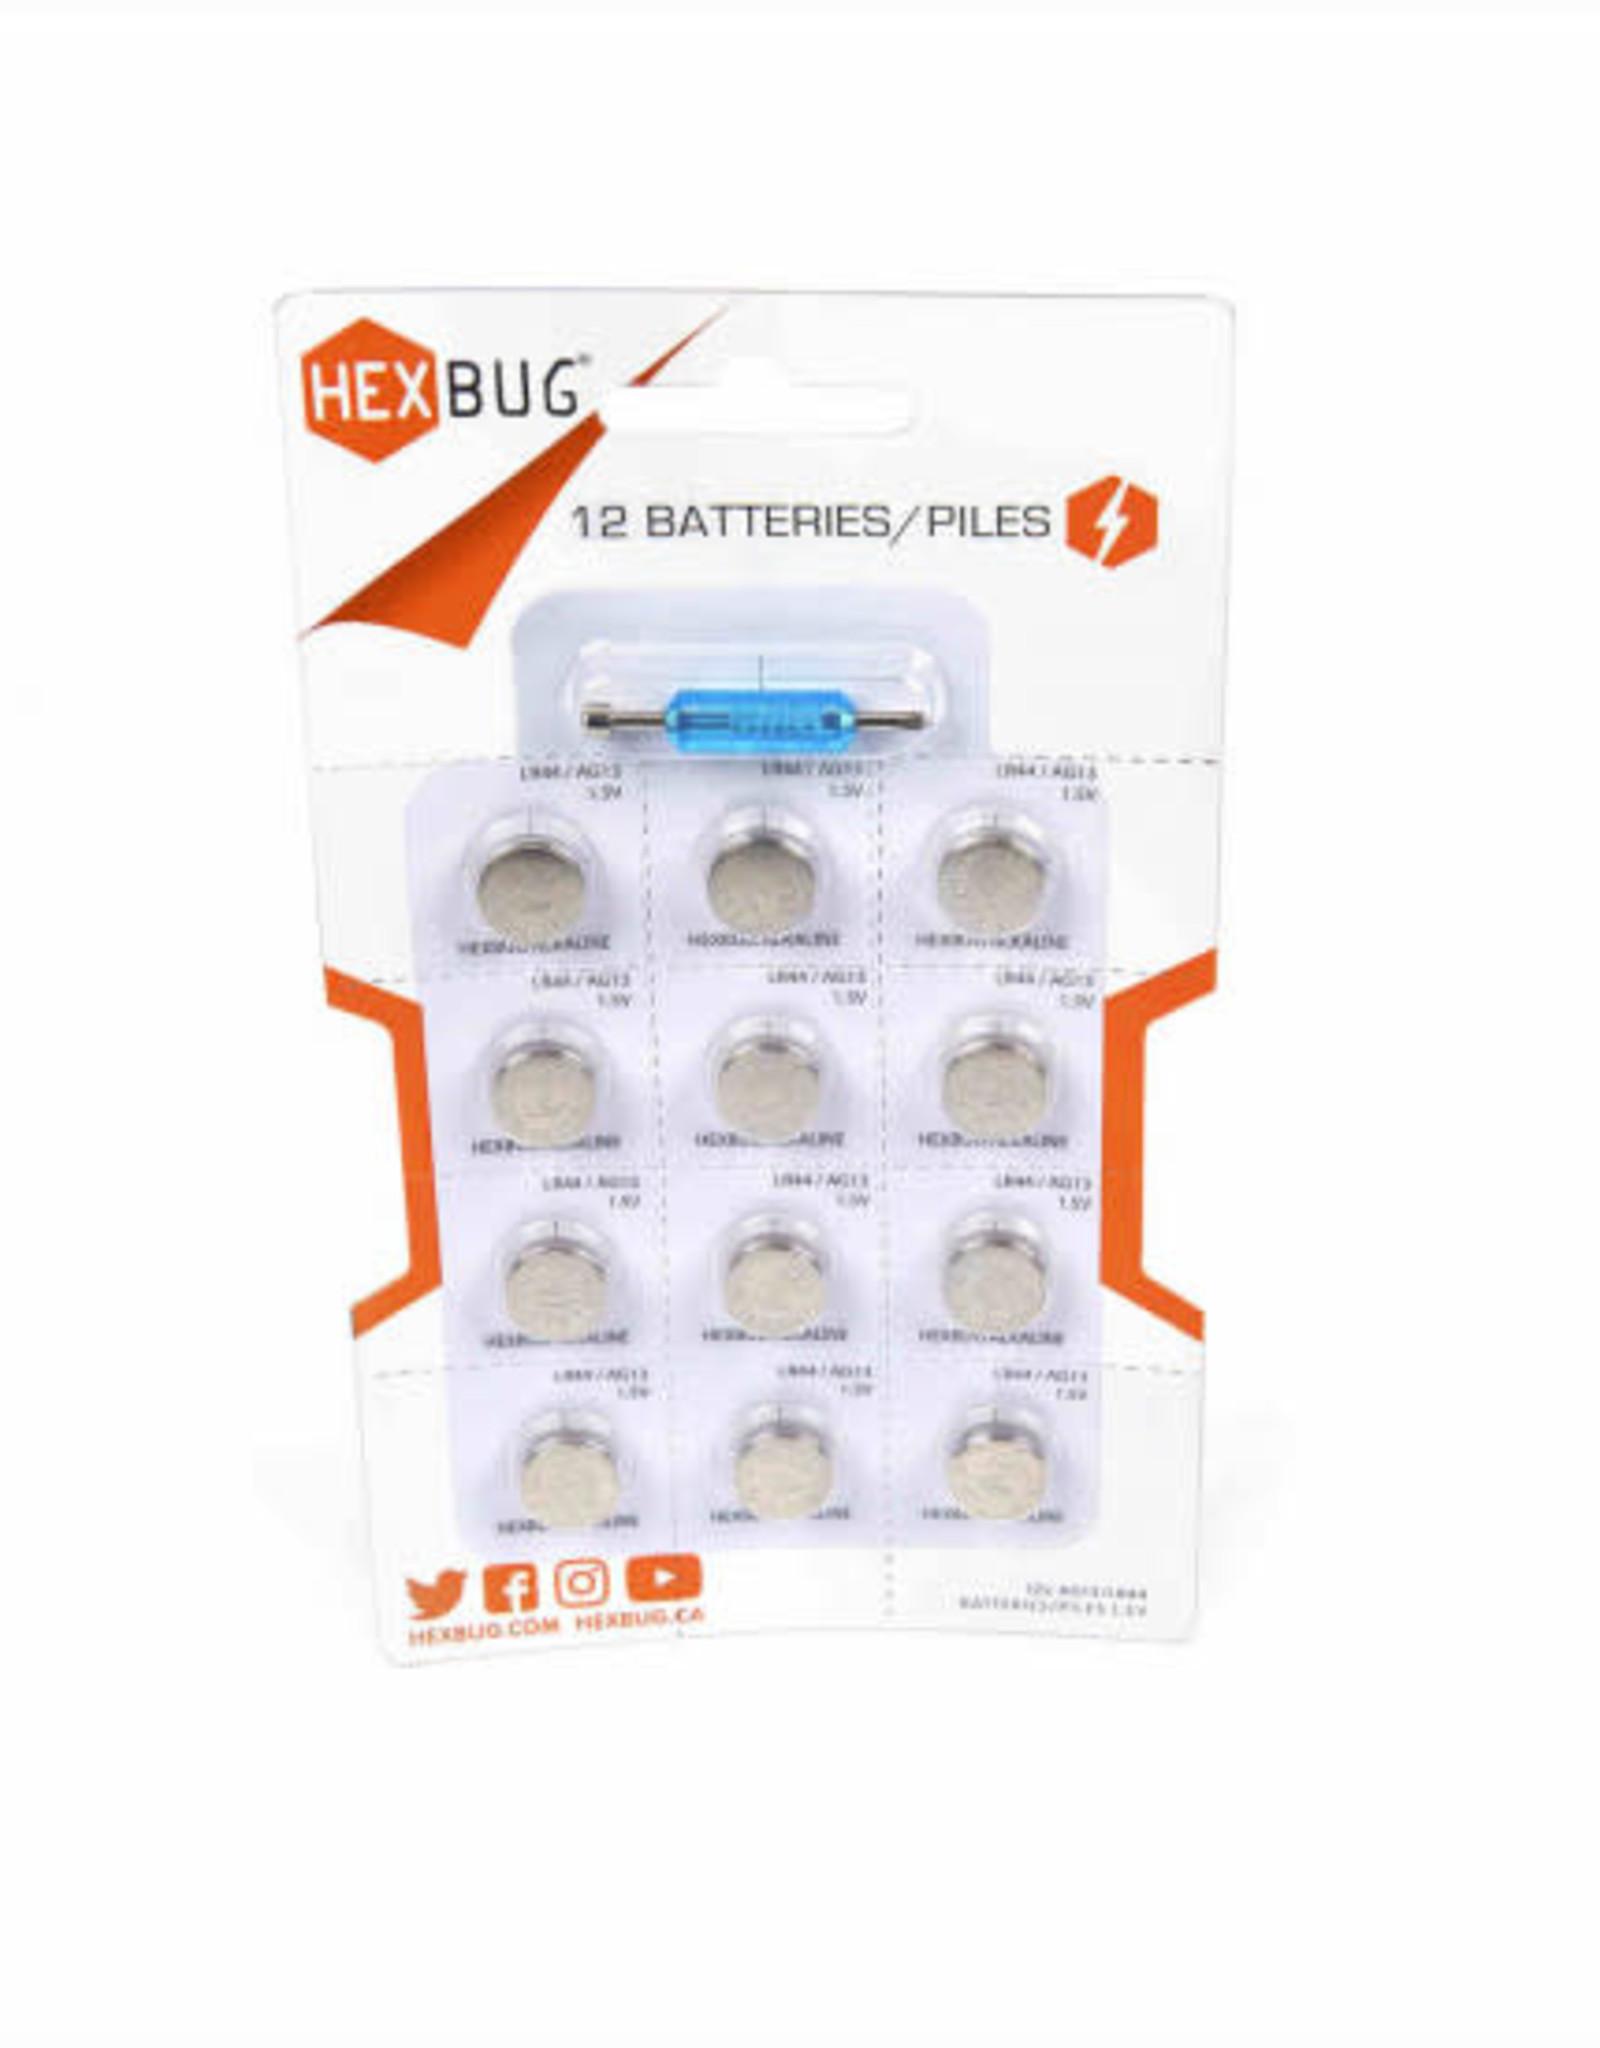 hexbug batteries 12- pack